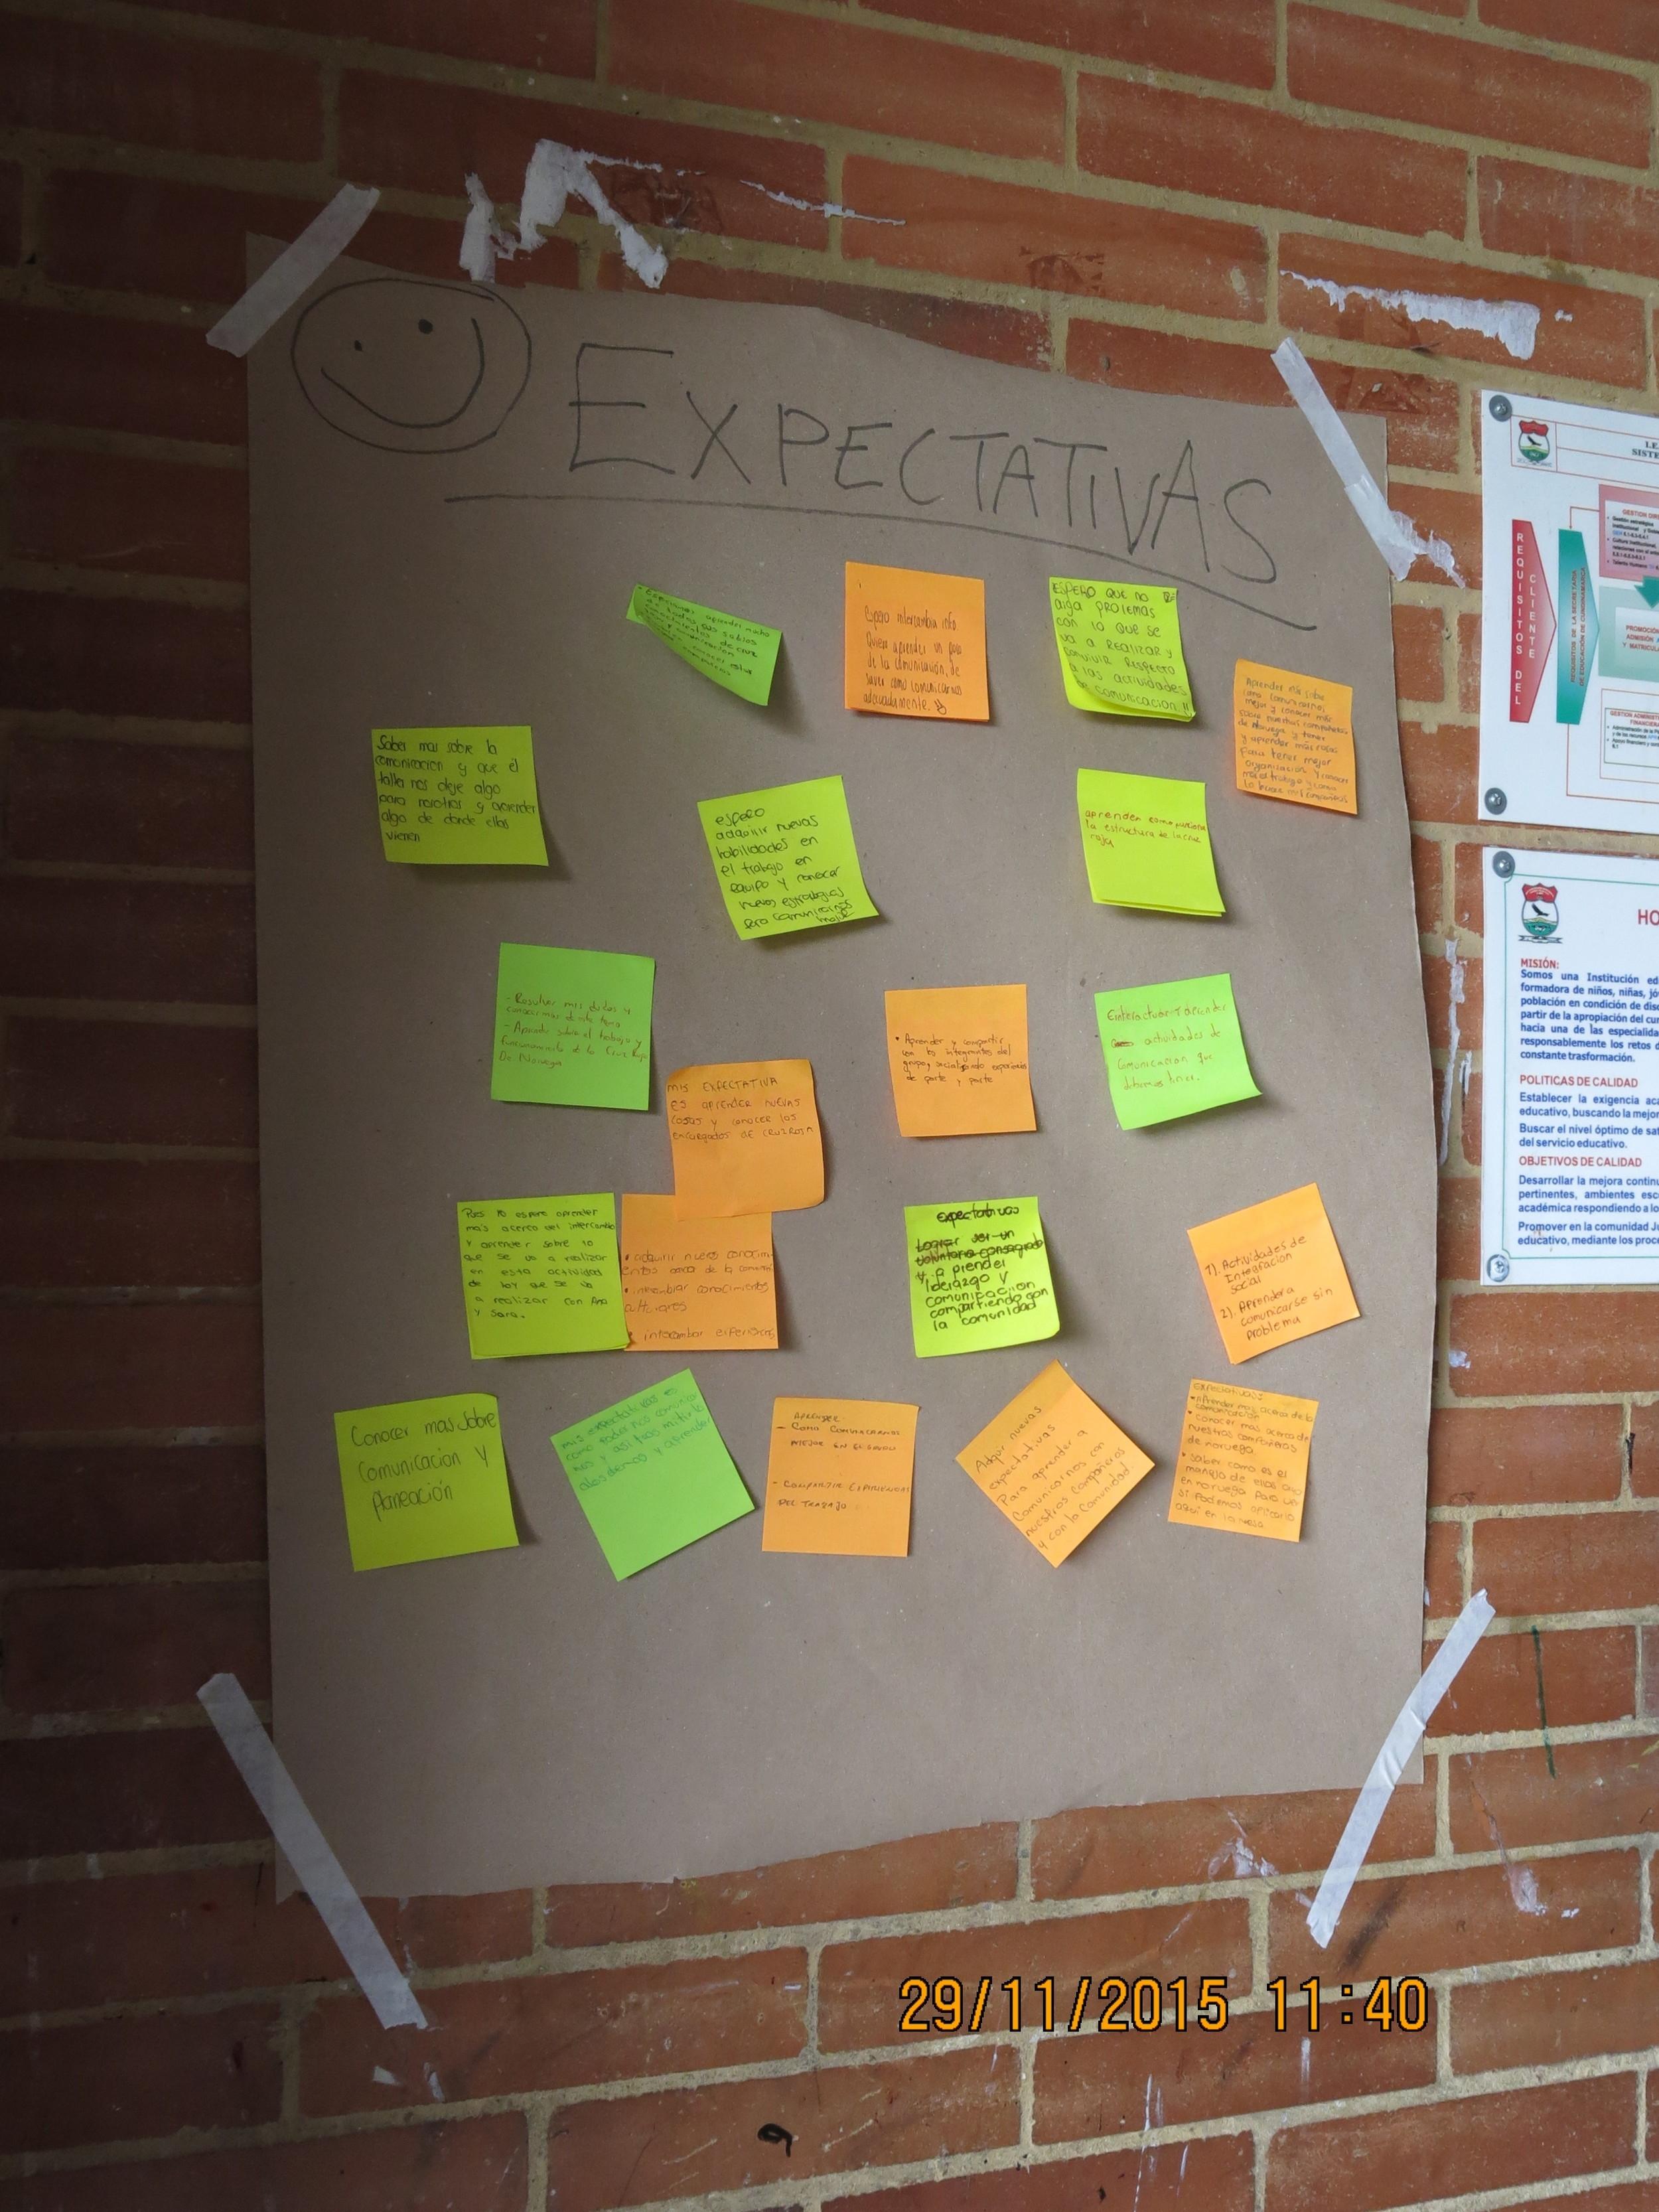 Las expectativas de los participantes / The participant's expectations